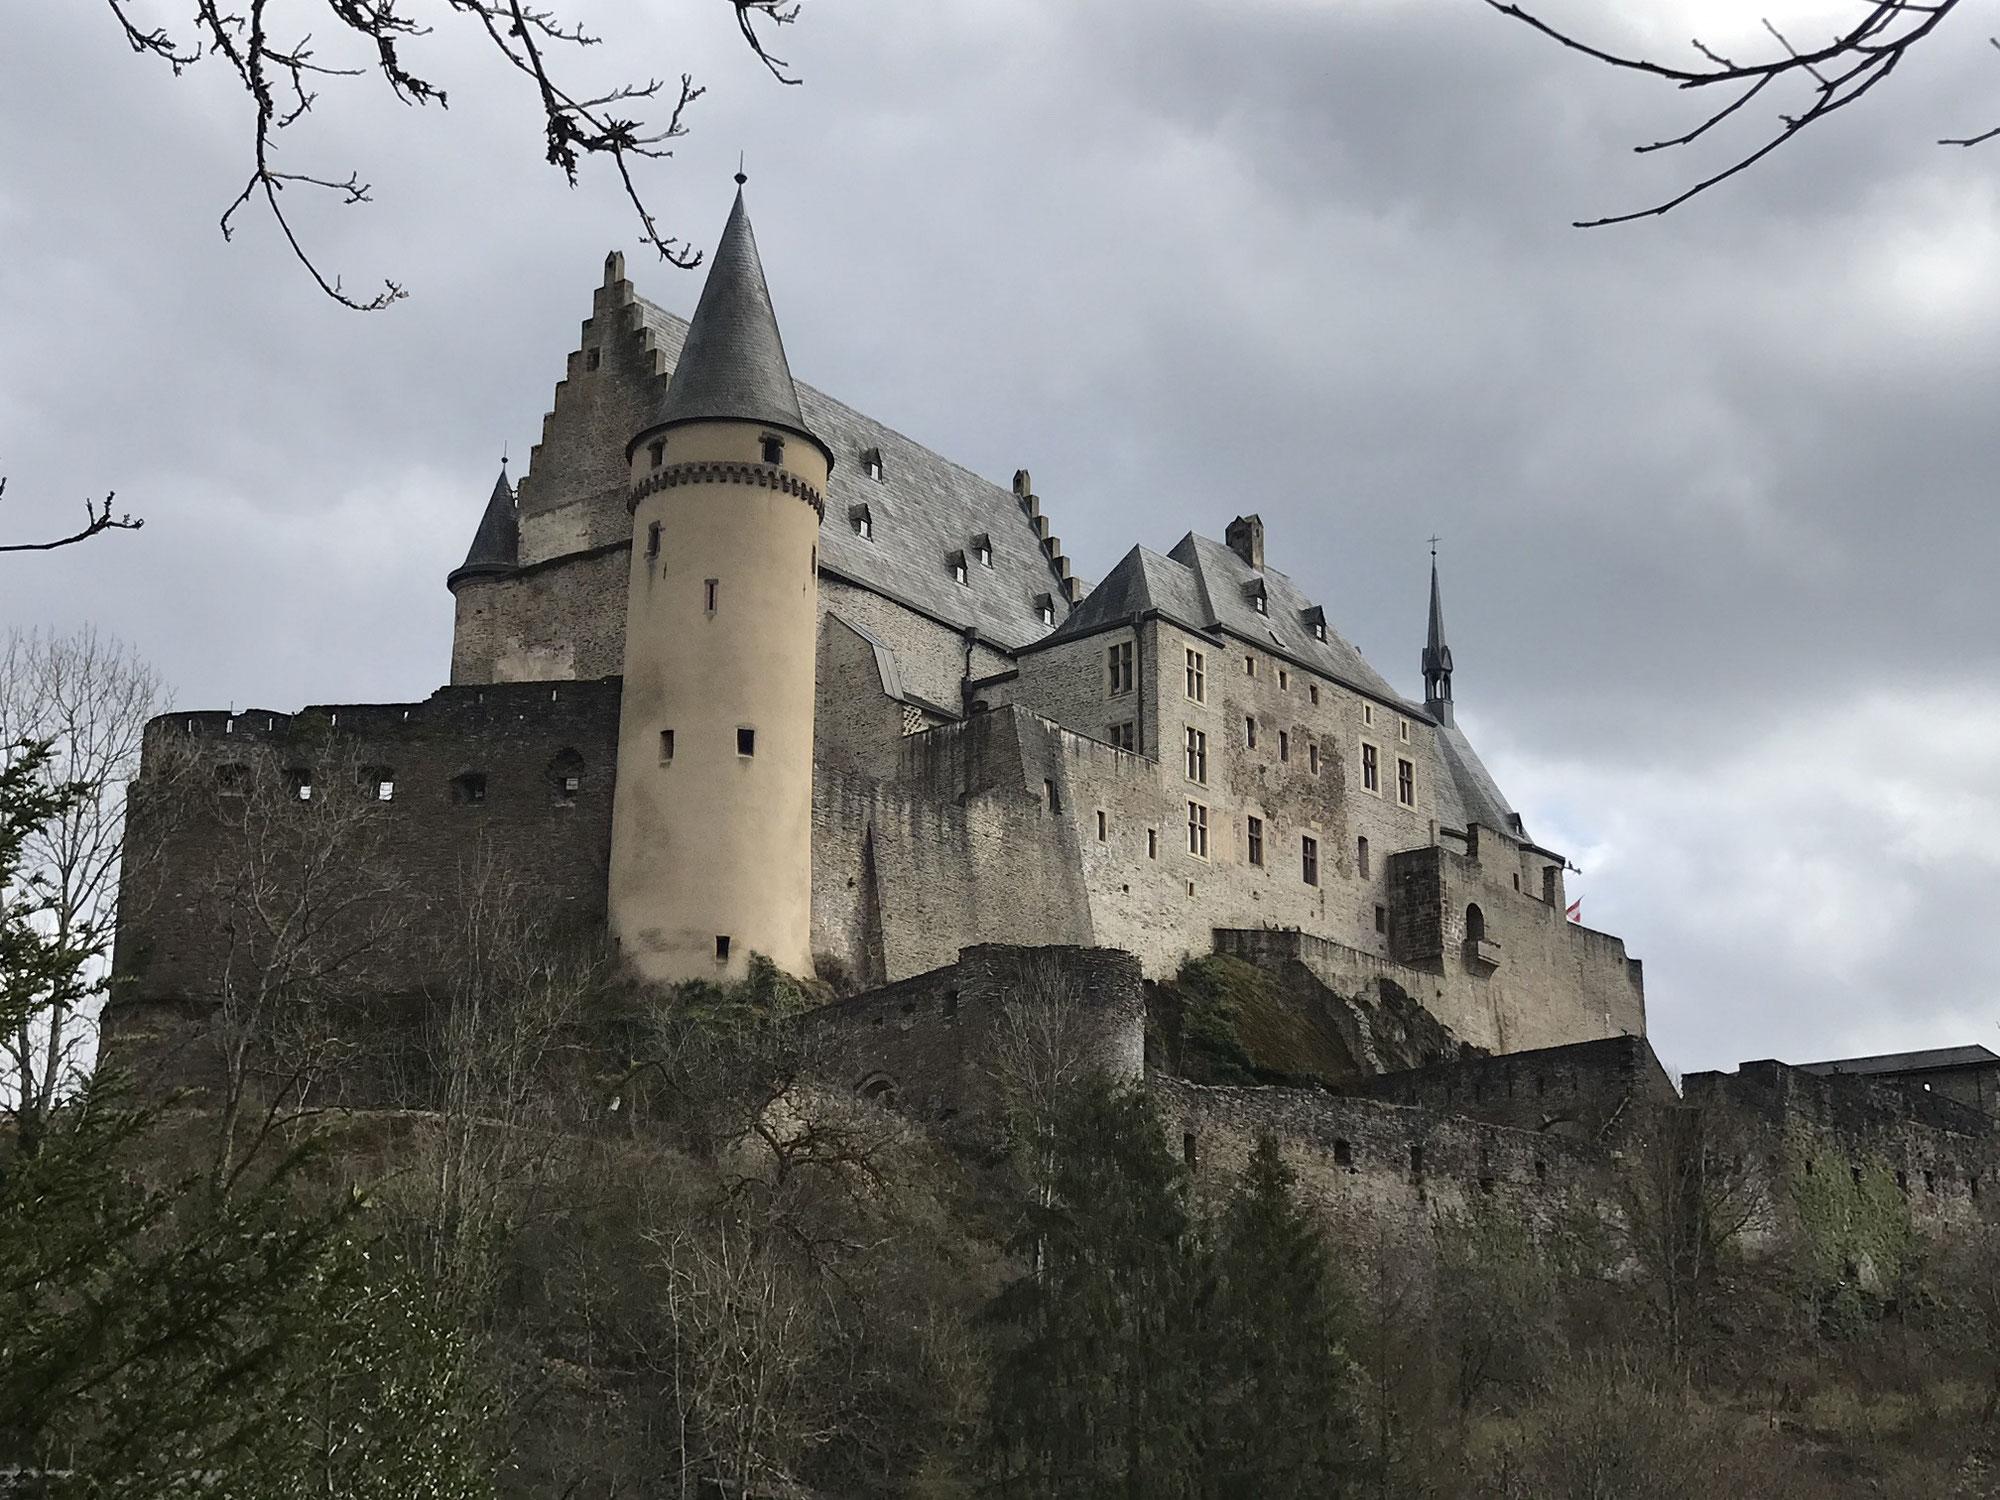 4 Tage Luxemburg, Vianden - ein Reisebericht